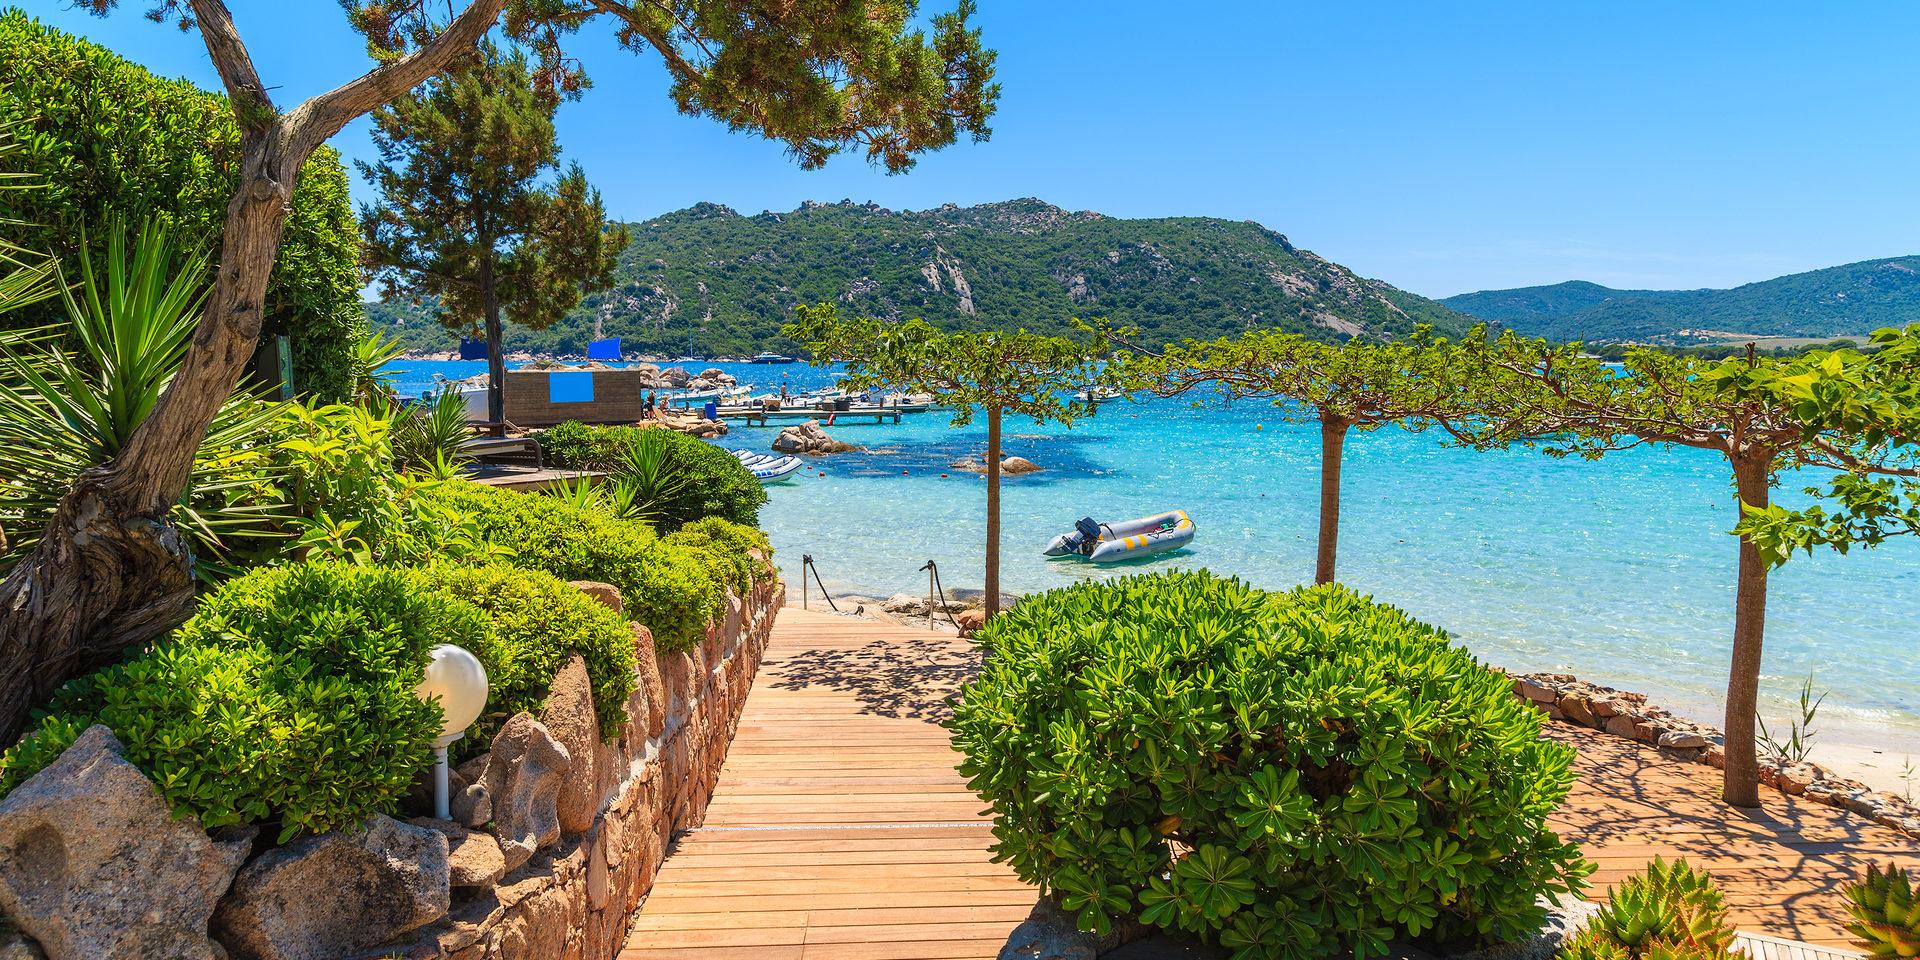 Santa-Giulia Plage-de-Santa-Giulia Corsica Frankrijk zuiden wandelpromenade paradijselijk